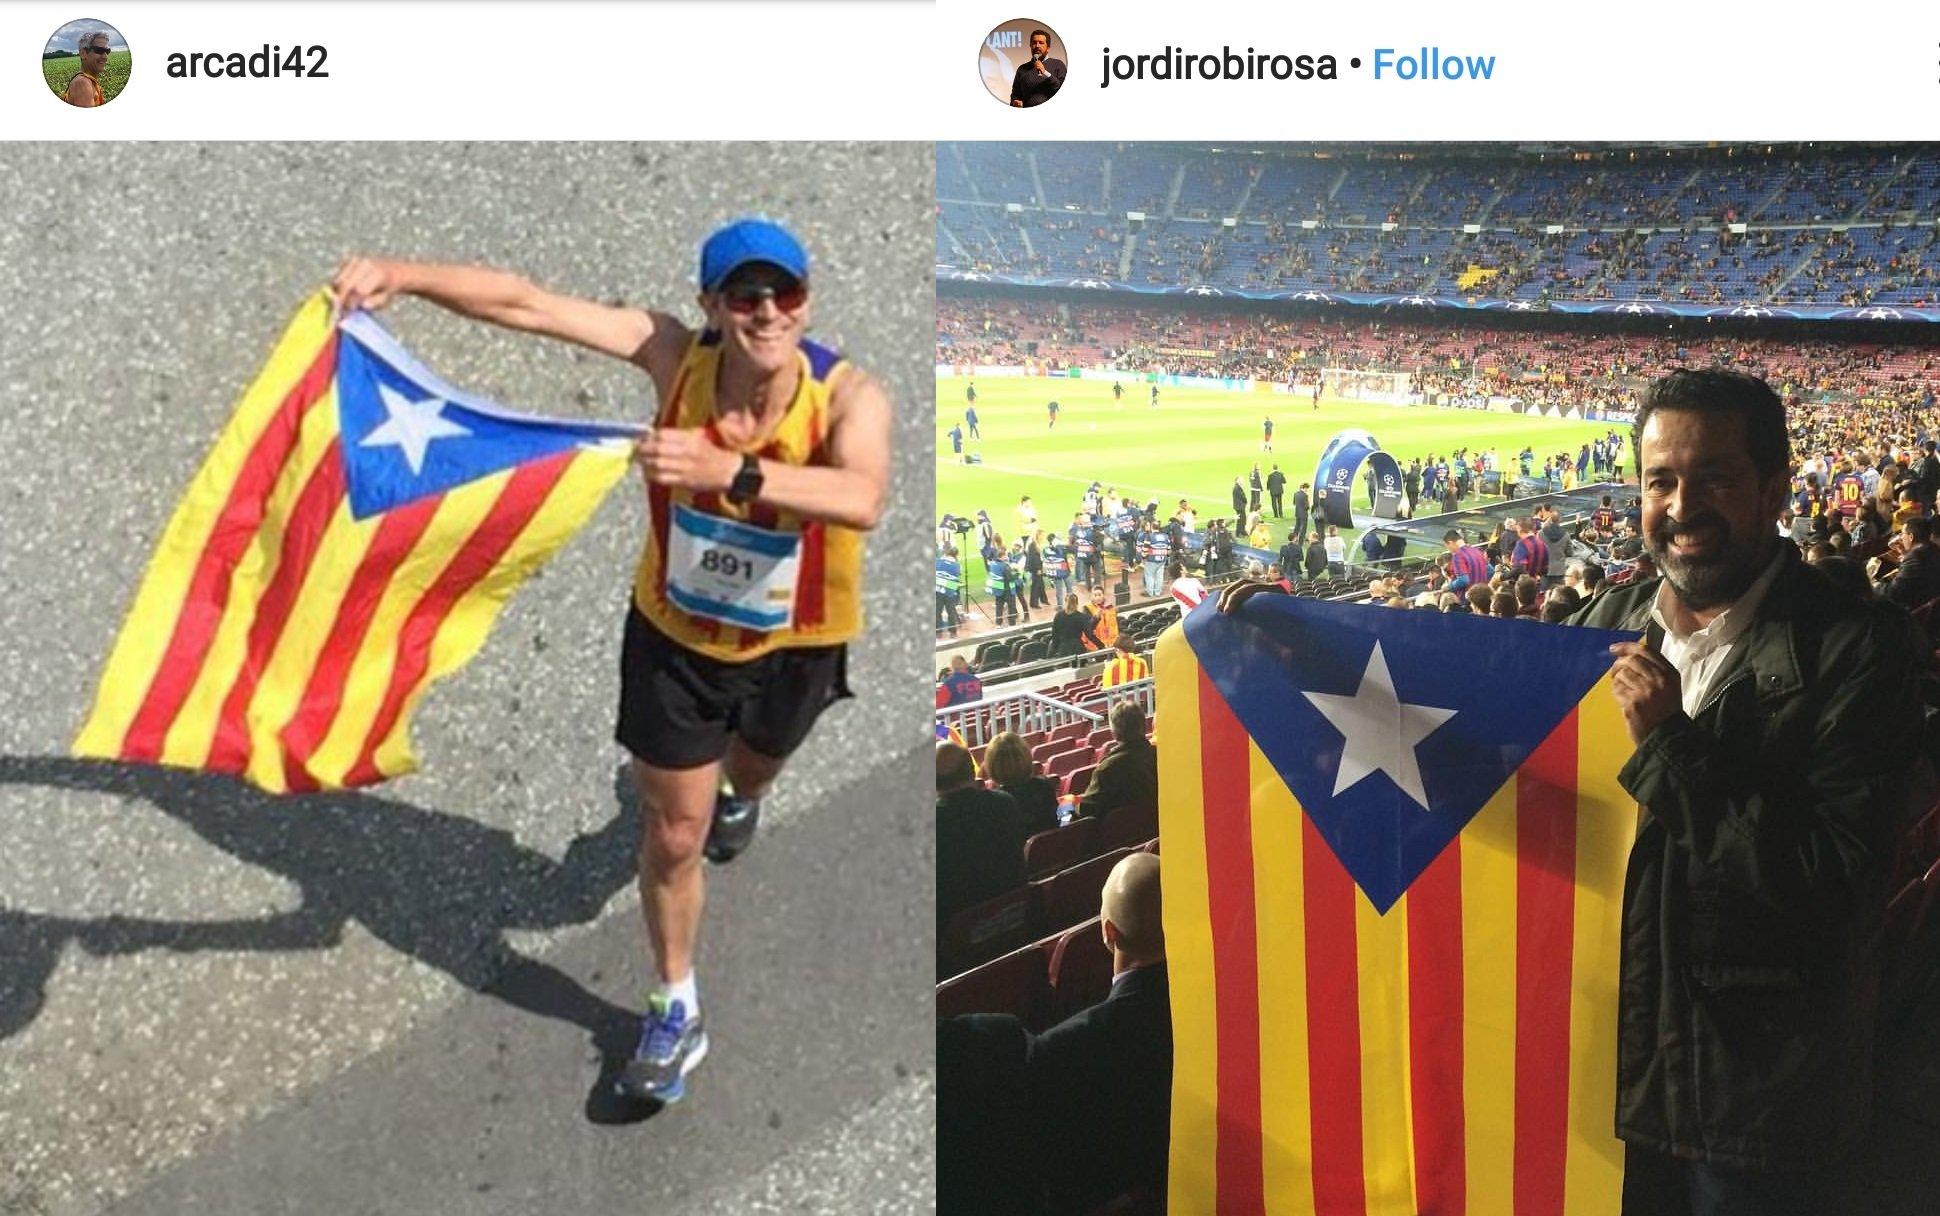 Imatges de l'Instagram dels periodistes de TV3 Arcadi Alibés i Jordi